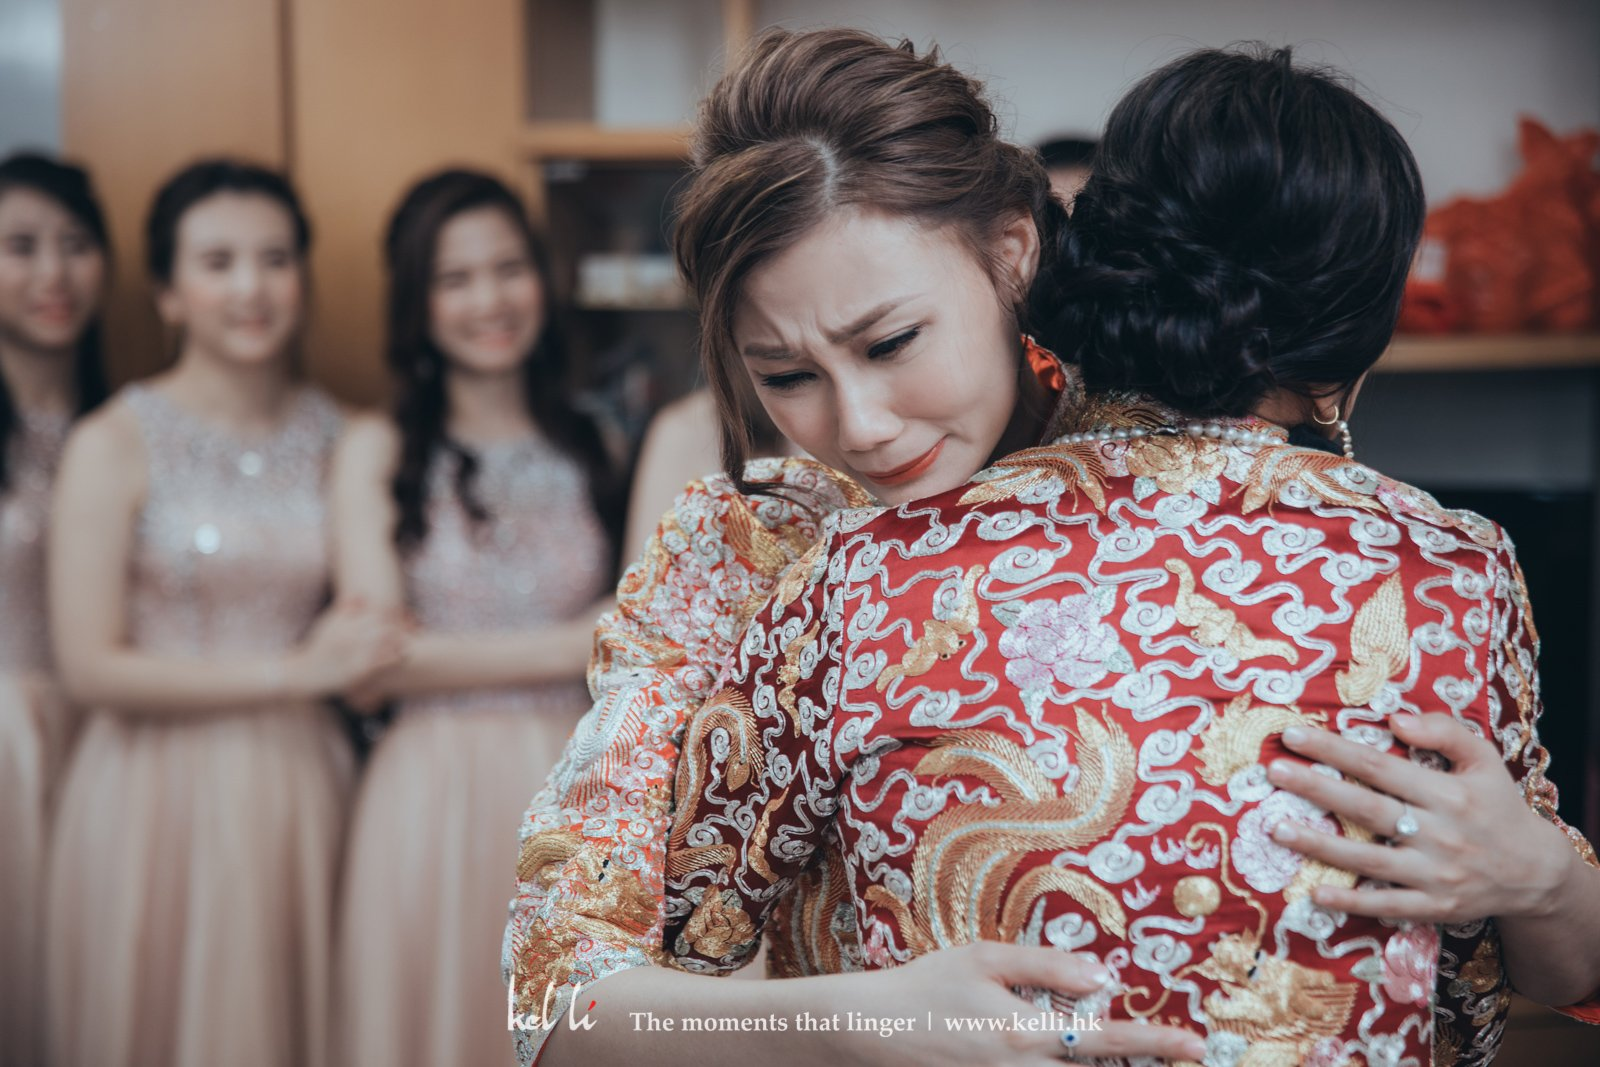 新娘看到照片後對我們說:很喜歡我們拍下她最感情自然流露的一面,最重要除了捕捉到感動的表情之外,人也拍得漂亮!